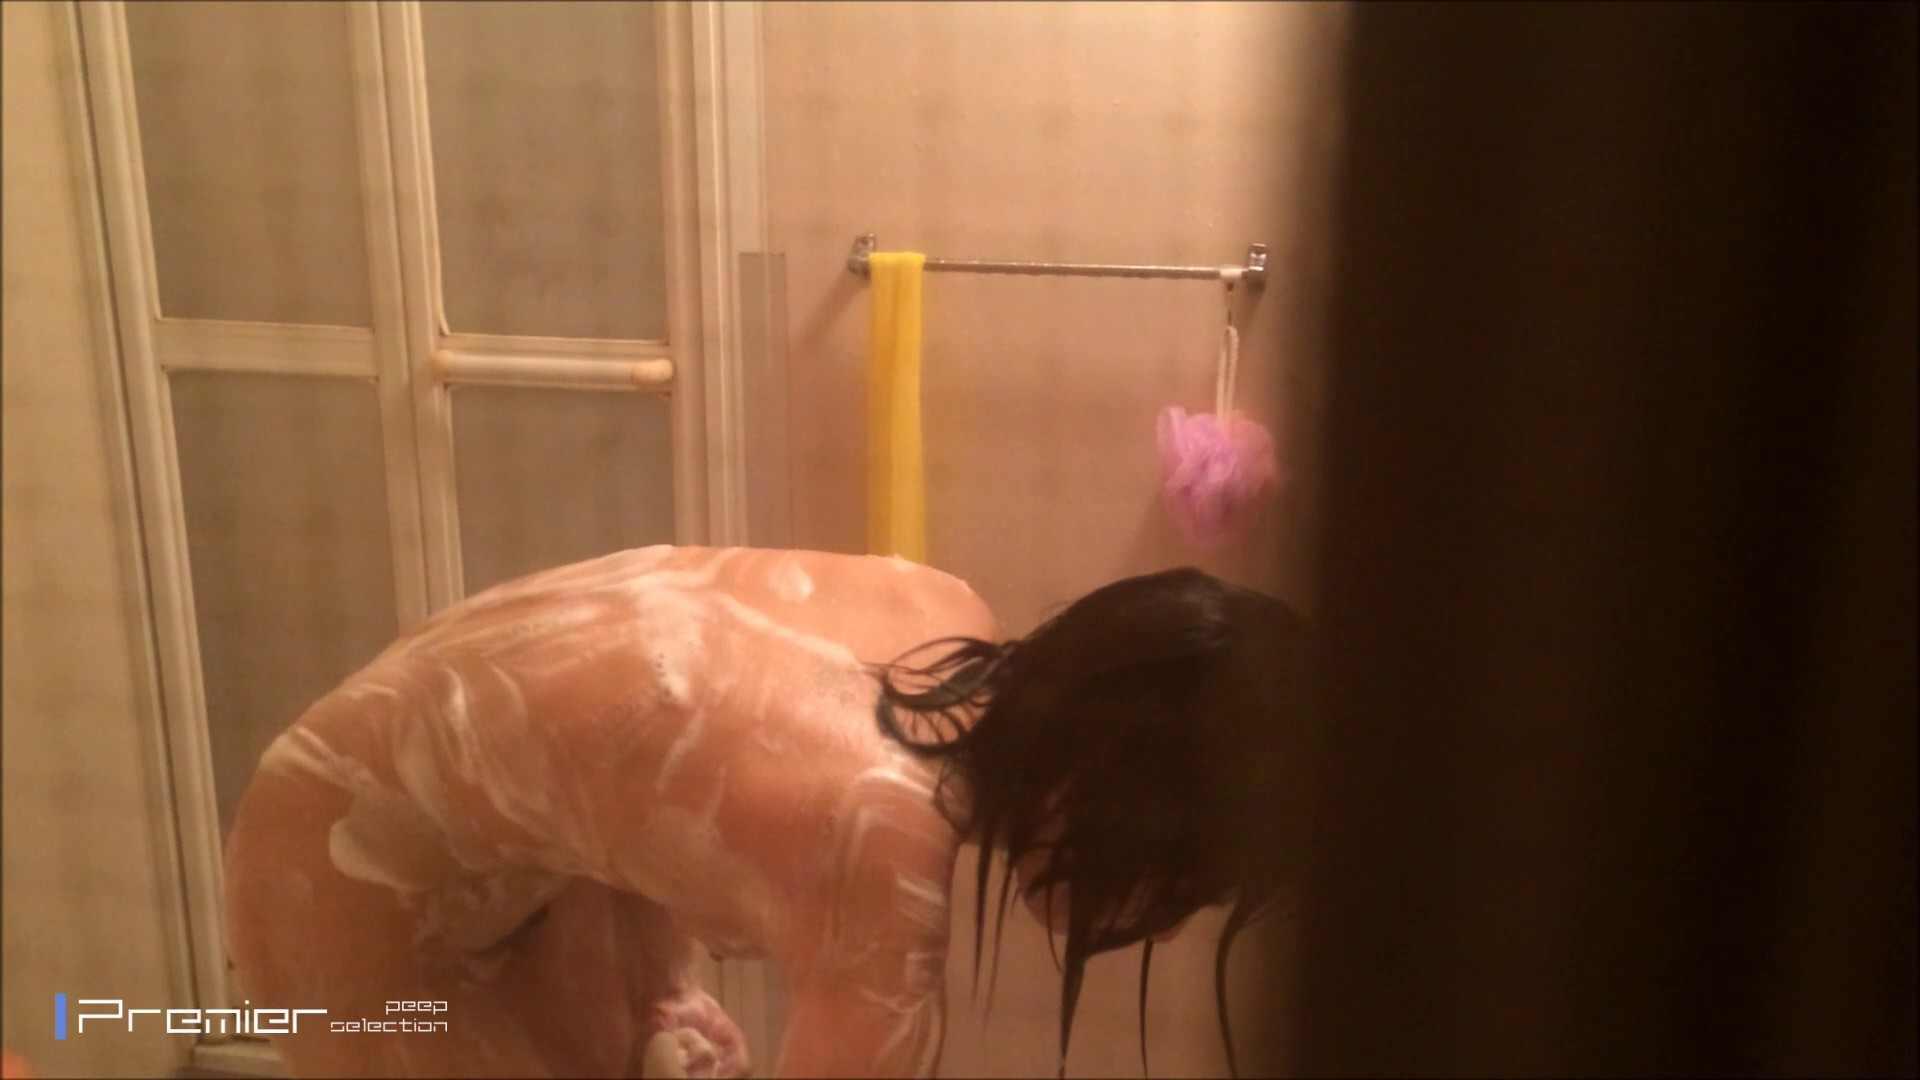 シャワーのお湯を跳ね返すお肌 乙女の風呂場 Vol.03 丸見え  96PIX 7